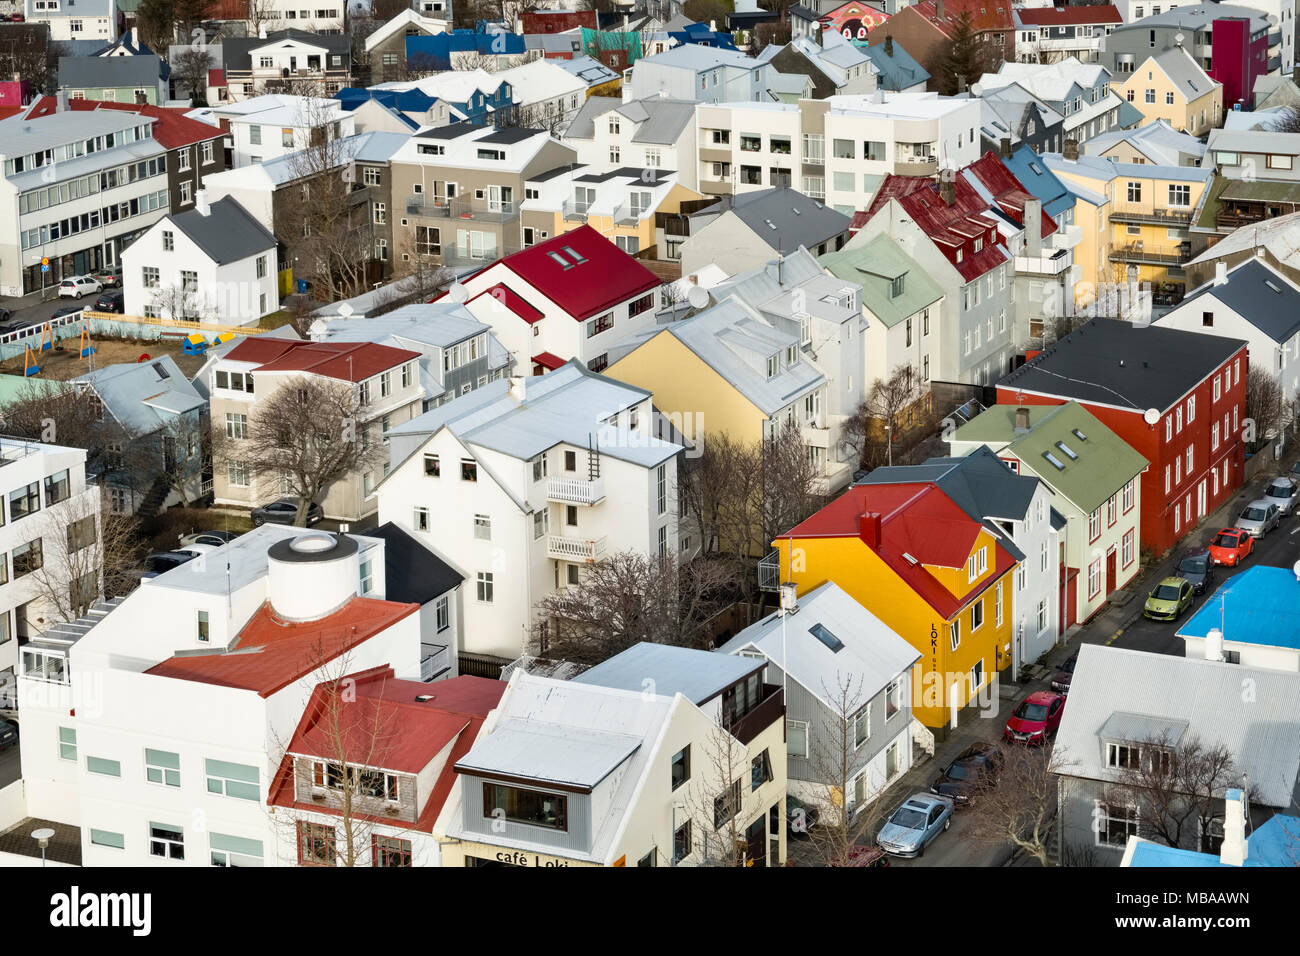 En Reikiavik, Islandia. La vista desde la torre de la iglesia Hallgrimskirkja sobre las casas pintadas brillantemente en el centro de la ciudad Foto de stock